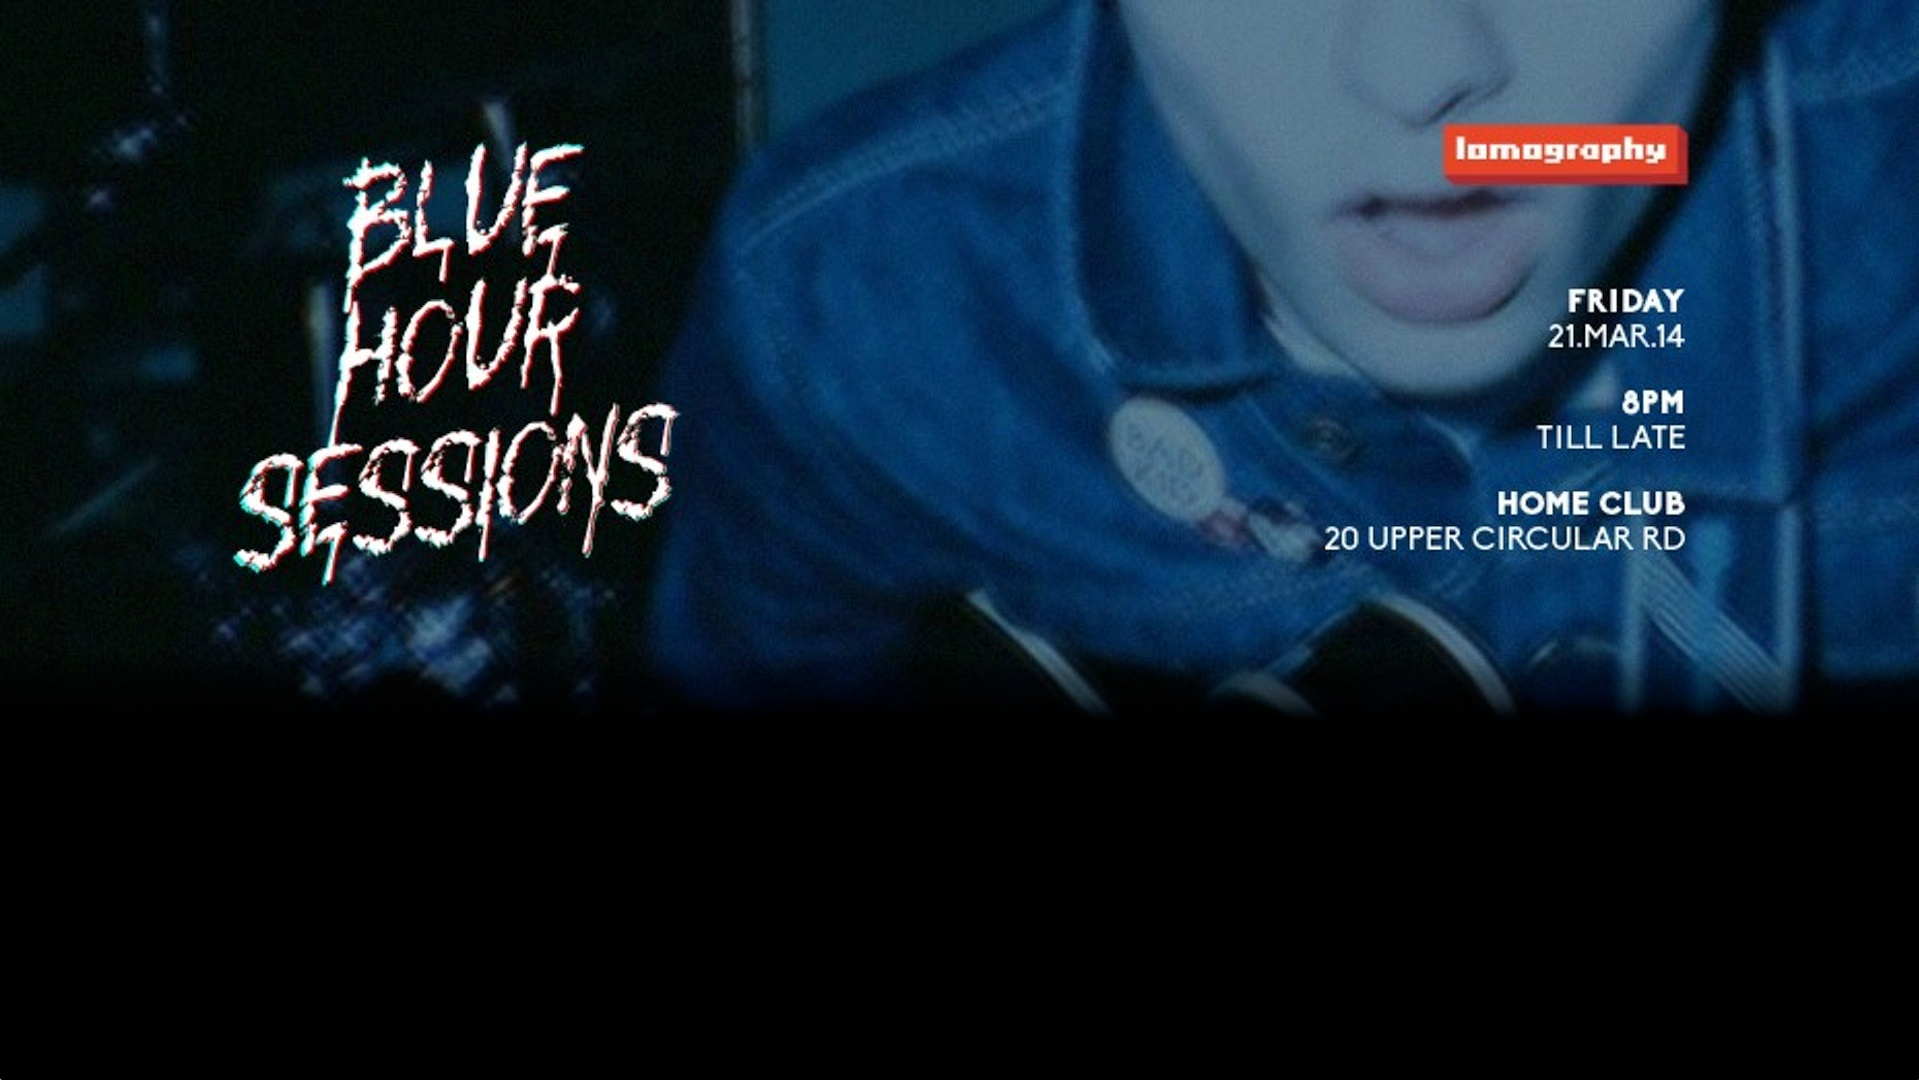 Identité: Blue Hour Sessions